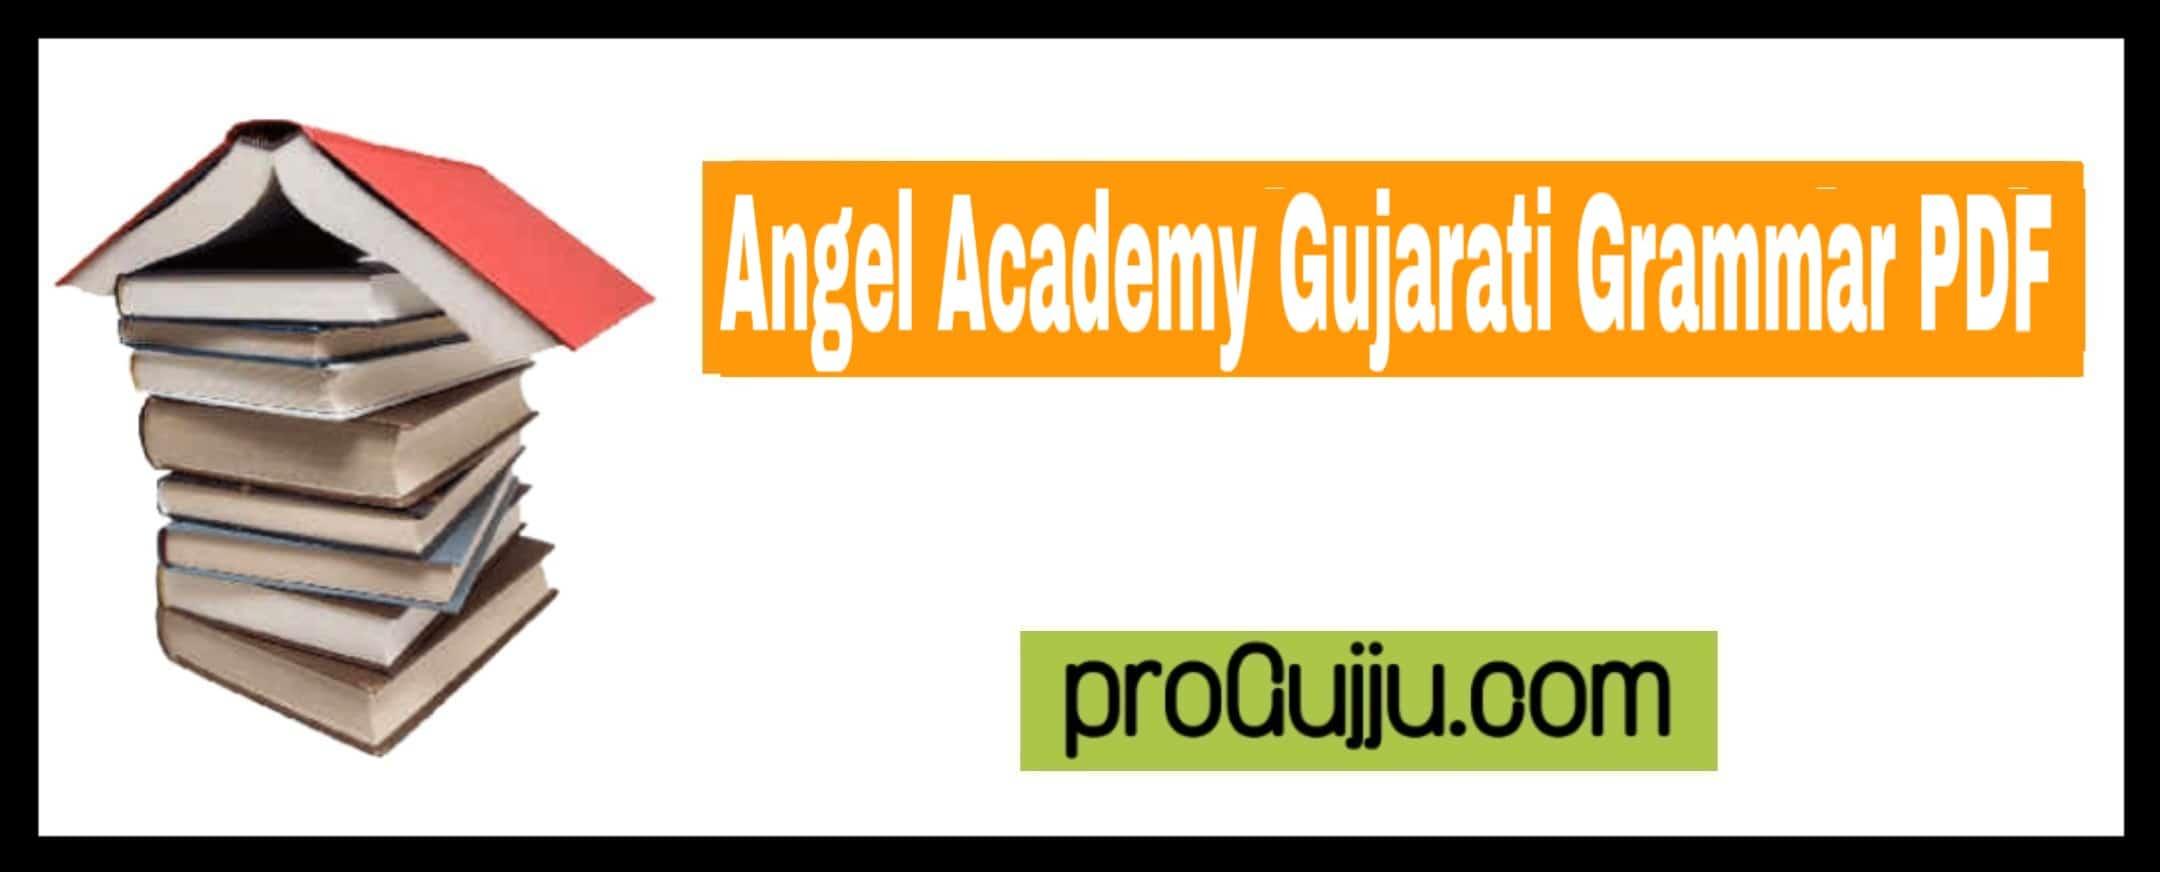 Angel Academy Gujarati Grammar PDF